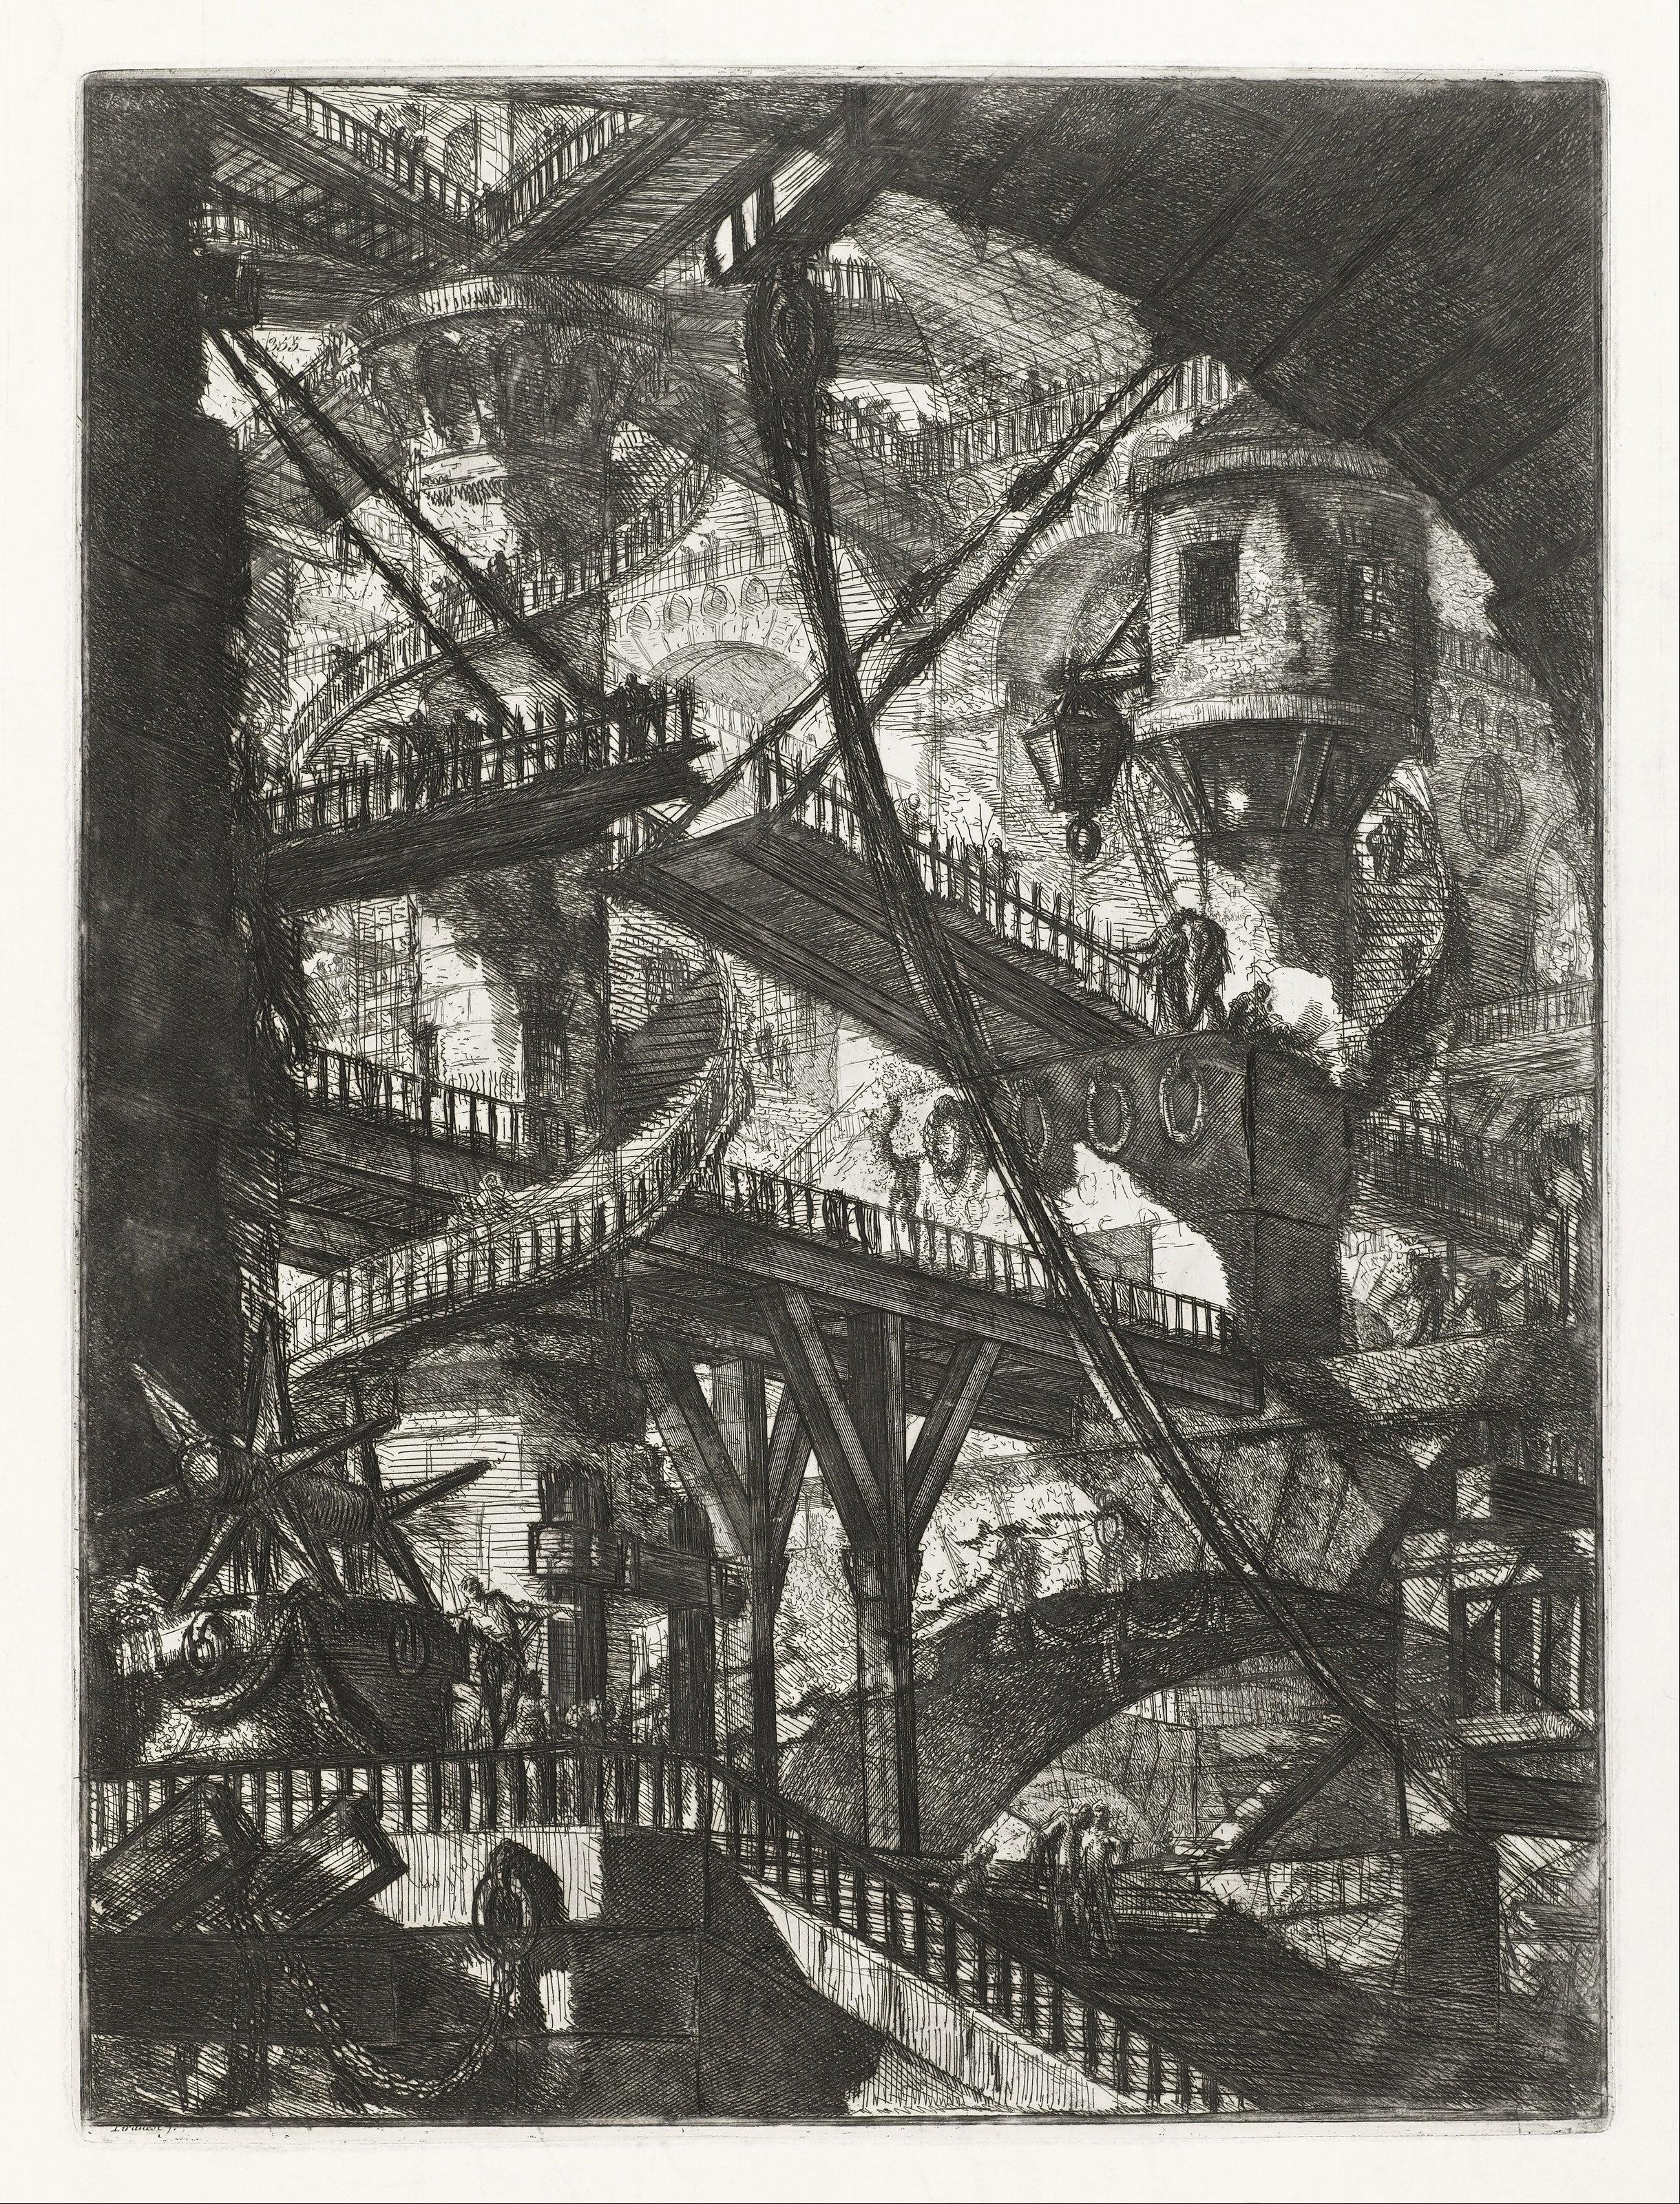 Giovanni_Battista_Piranesi_-_The_Drawbridge,_plate_VII_from_the_series_Carceri_d'Invenzione_-_Google_Art_Project